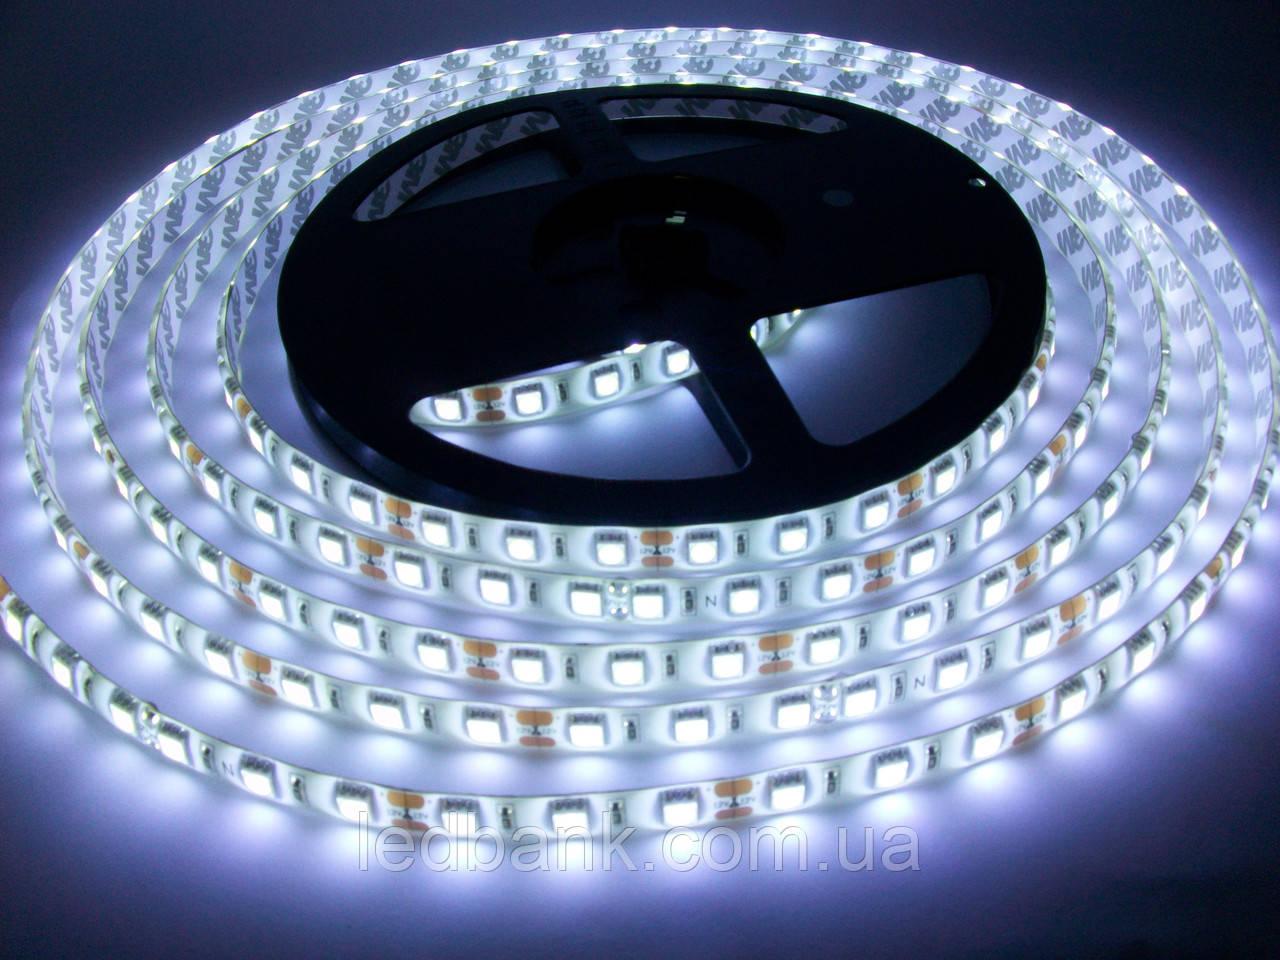 Светодиодная лента SMD 5050 60 LED/m IP65 Standart White